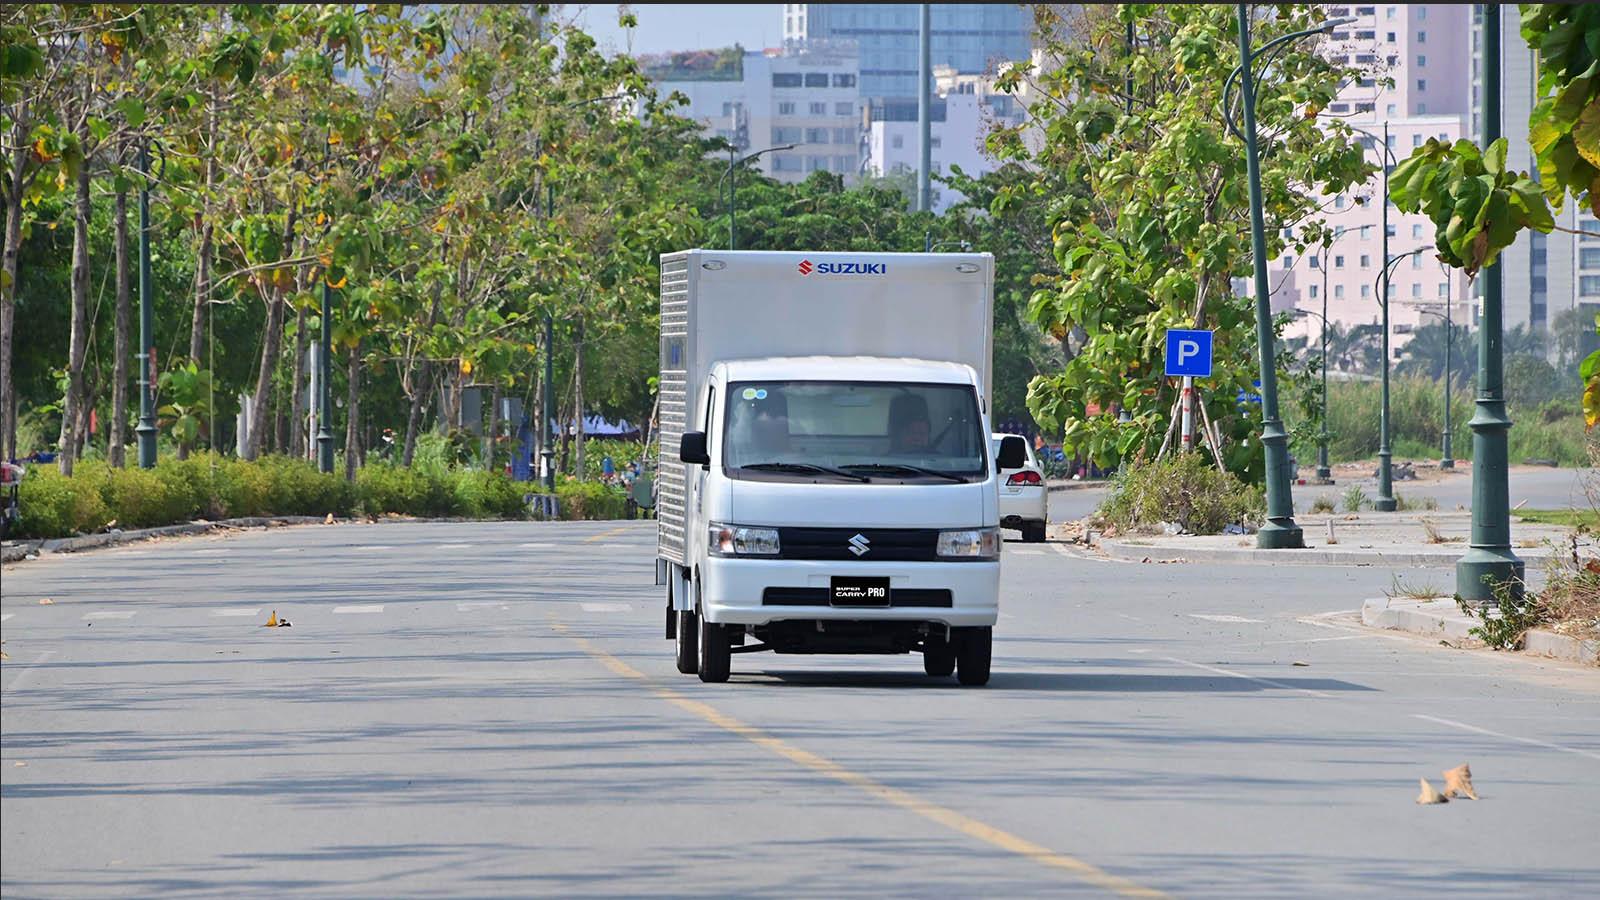 Suzuki Carry Pro - xe tải nhẹ đáp ứng mọi nhu cầu vận chuyển nhờ khả năng vận hành linh hoạt và tiết kiệm nhiên liệu vượt trội.